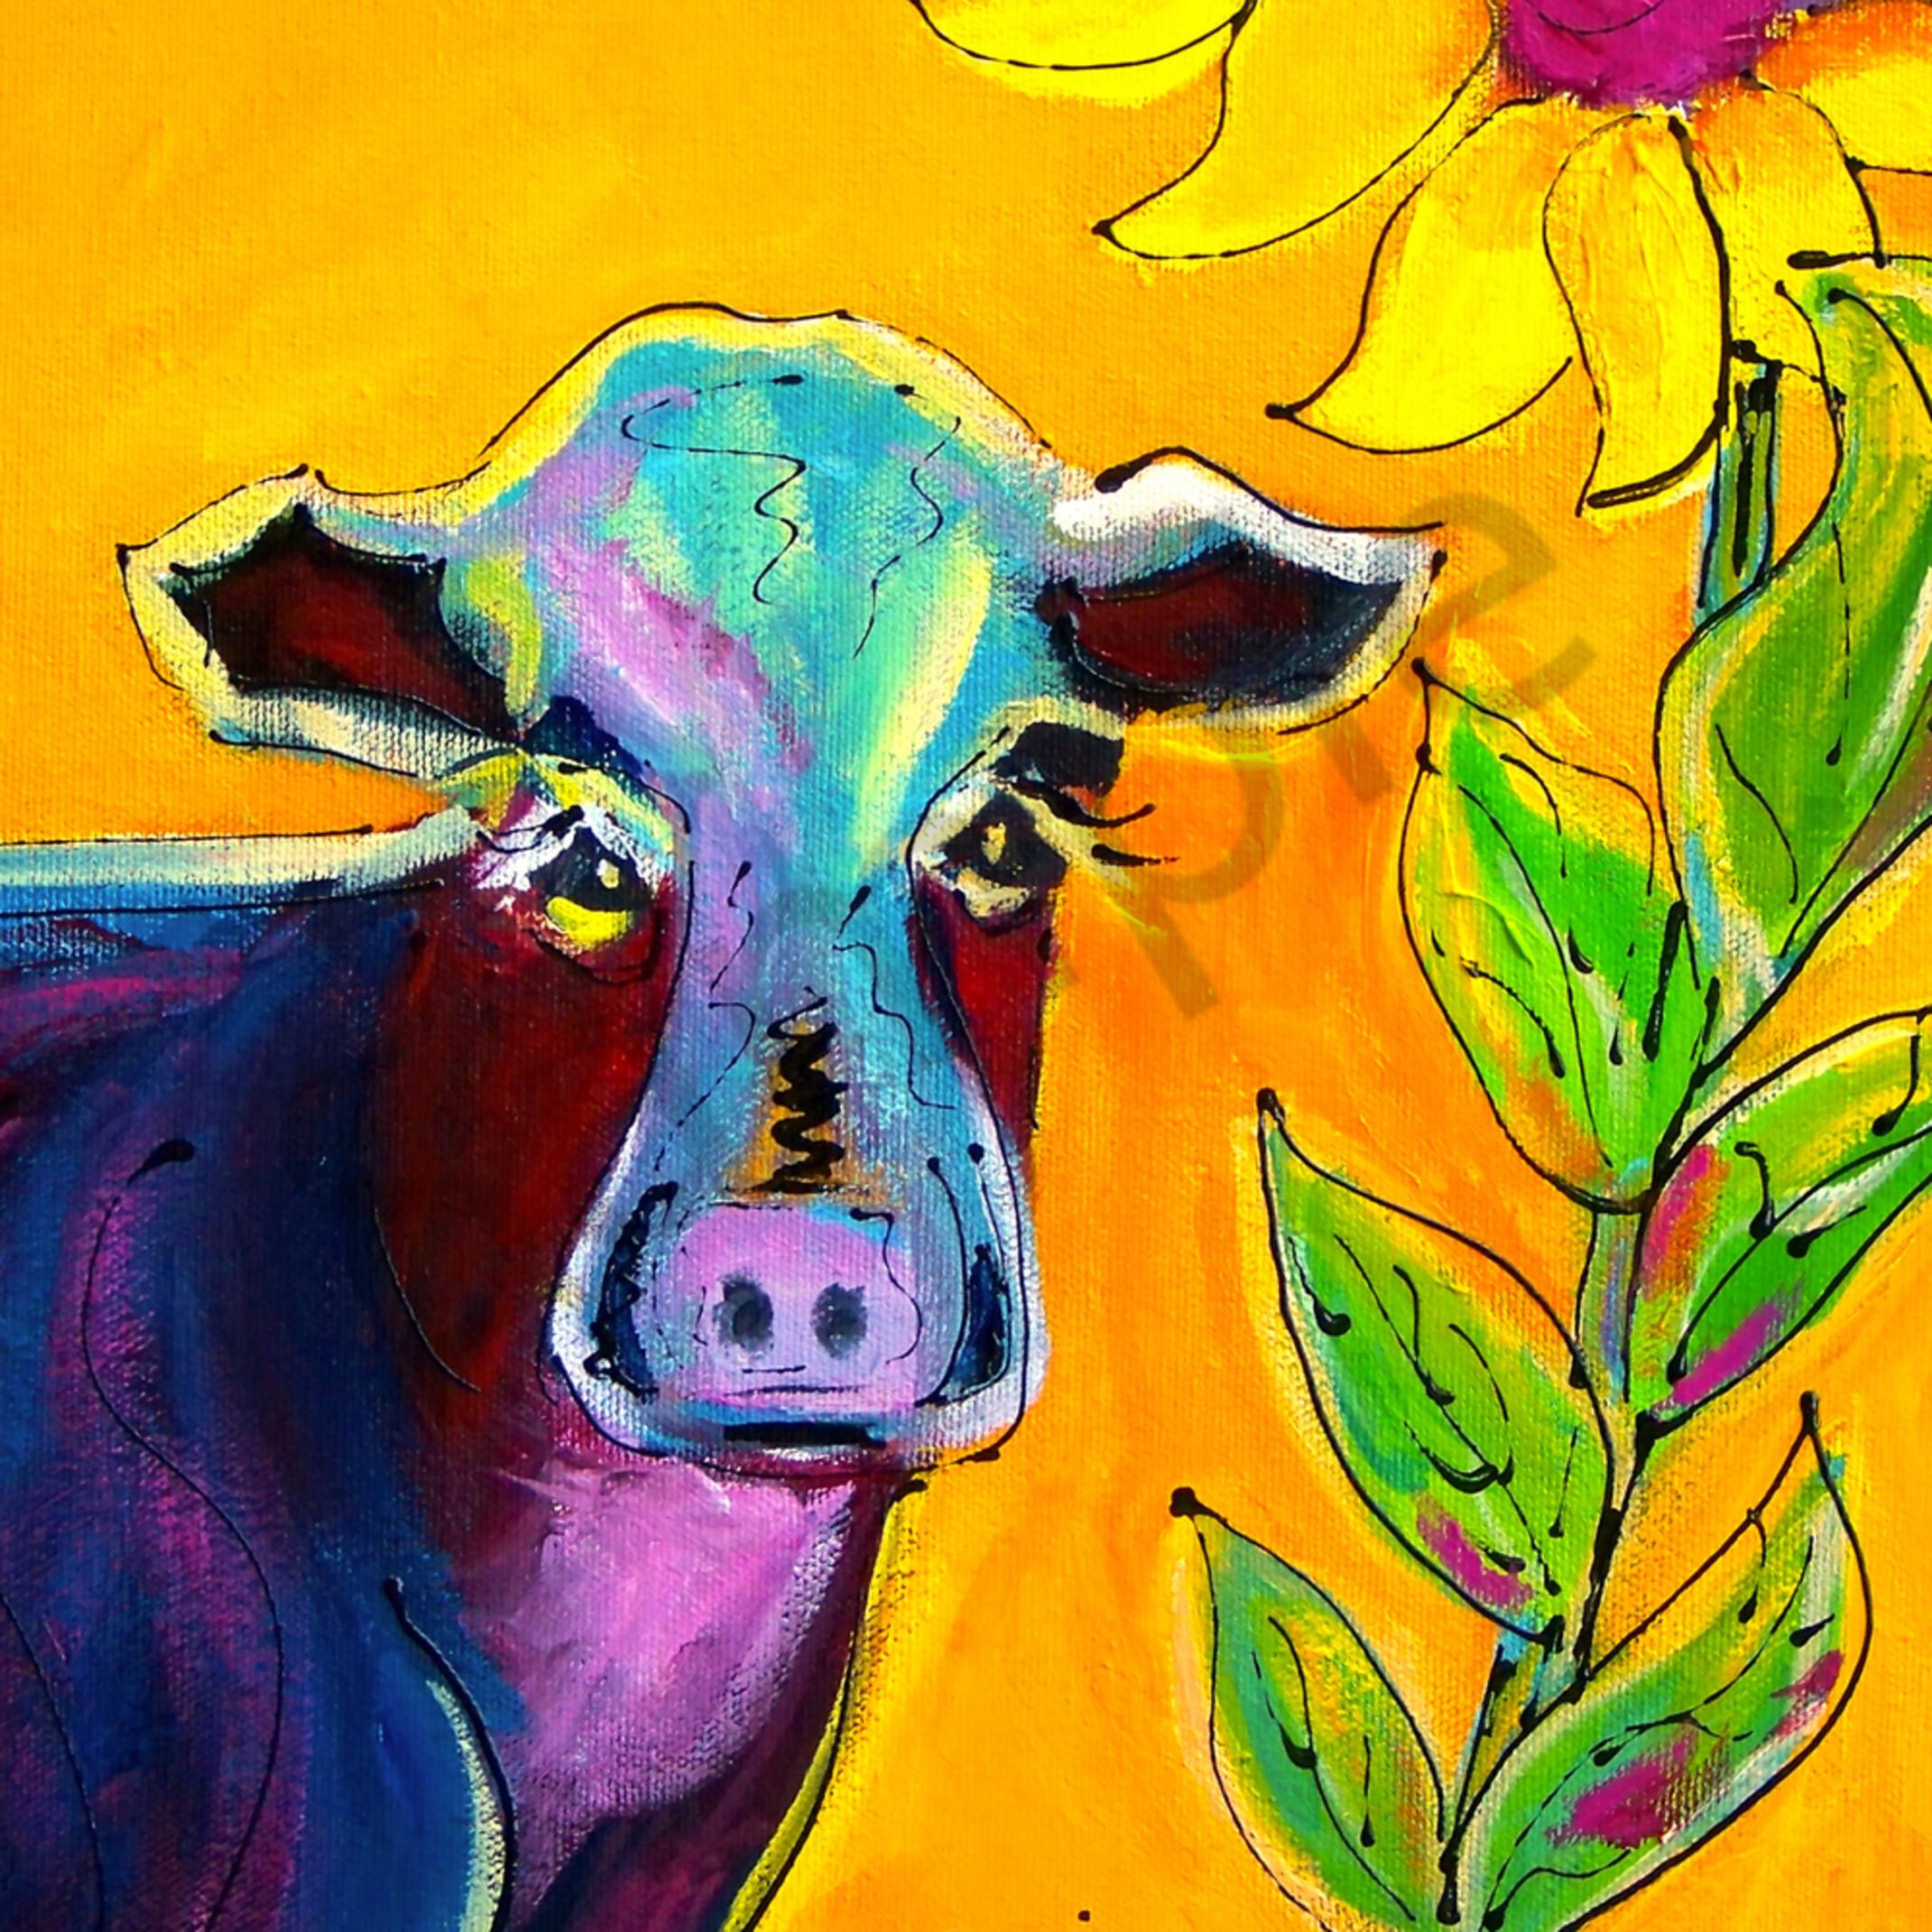 Kansas cow qsw0kj